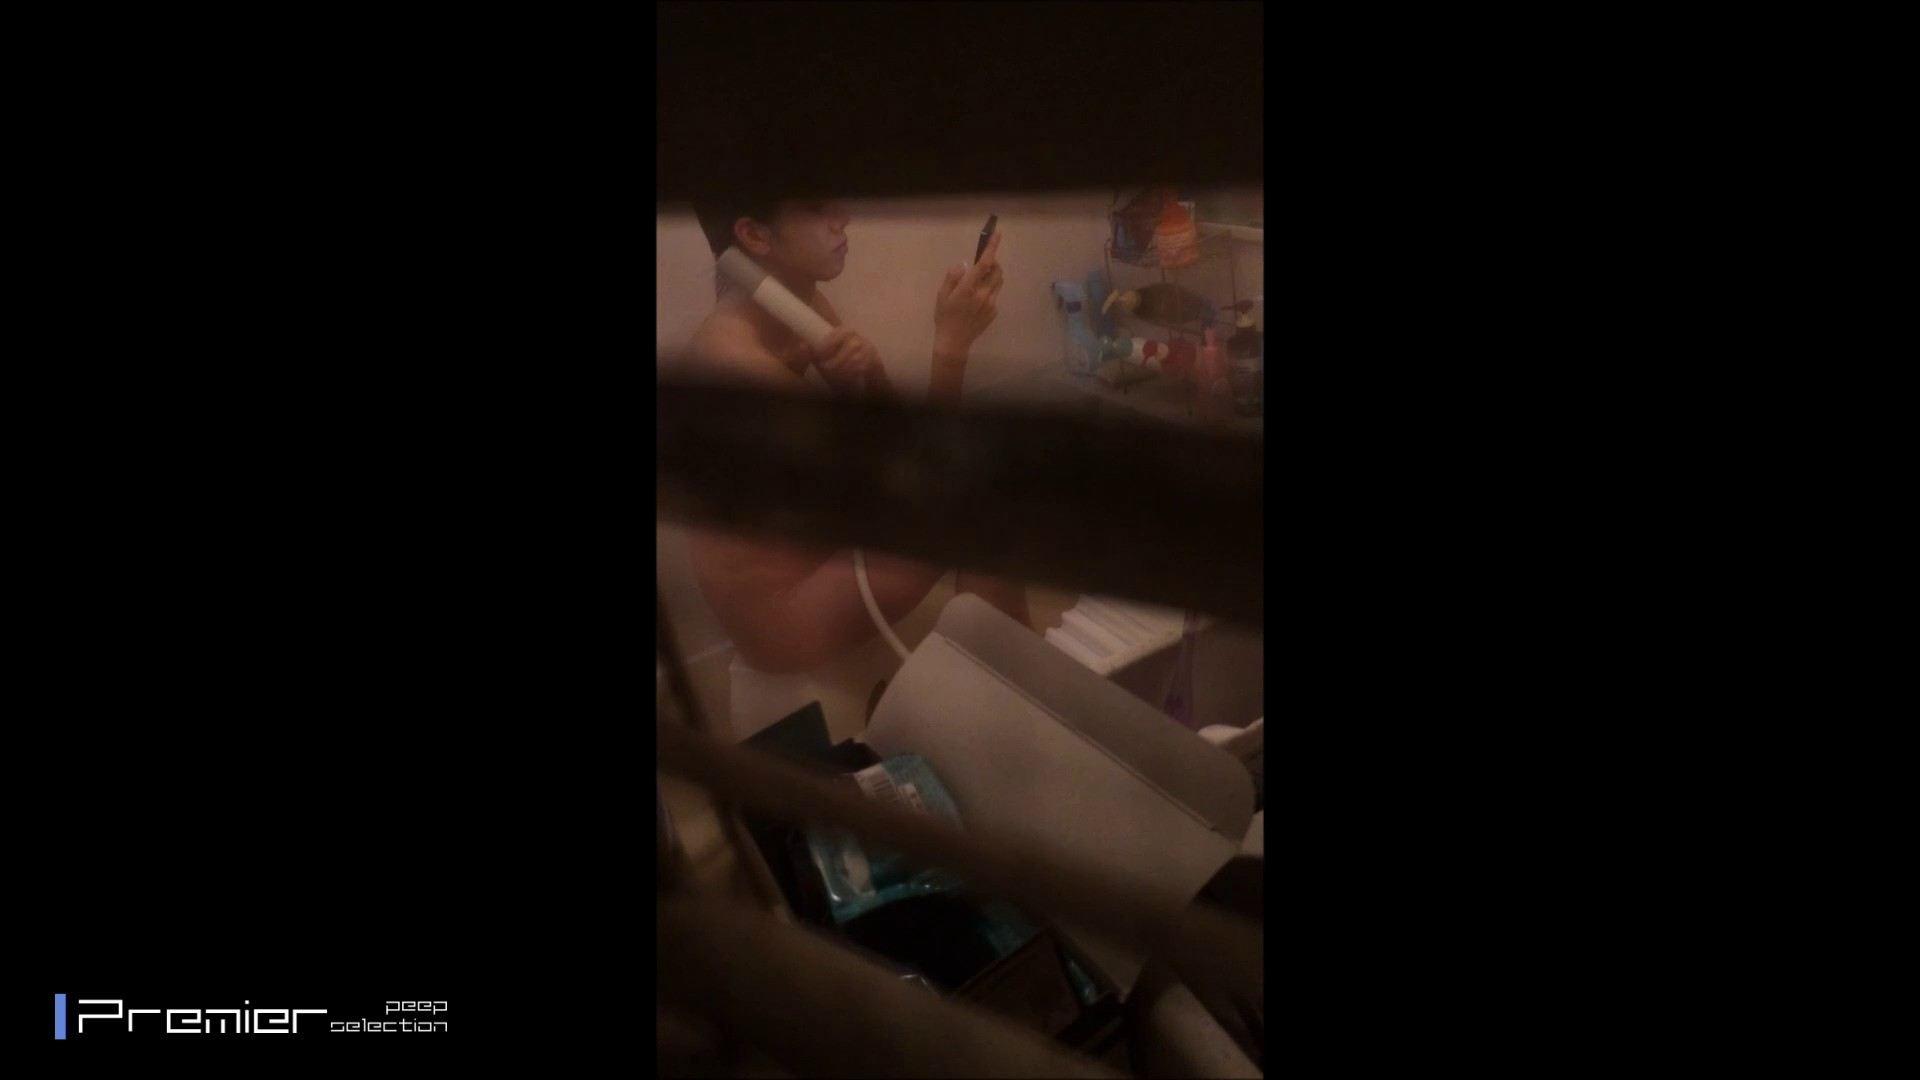 高画質フルハイビジョン スレンダー美女の入浴 乙女の風呂場 Vol.04 細身体型 えろ無修正画像 76枚 19